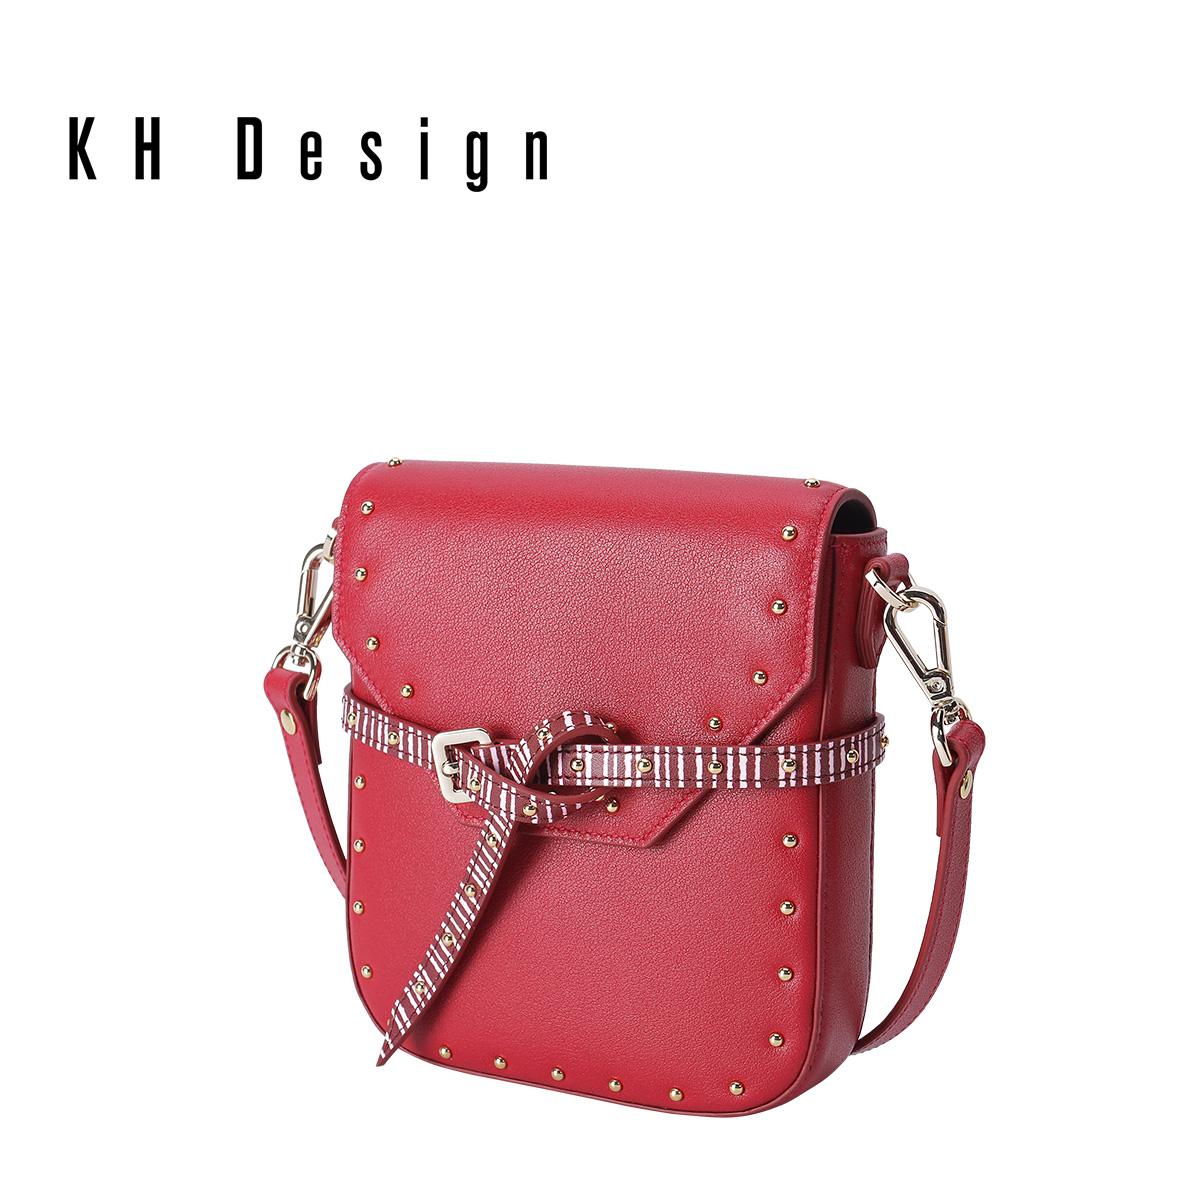 KH Design 明治 真皮小方包头层牛皮斜挎包